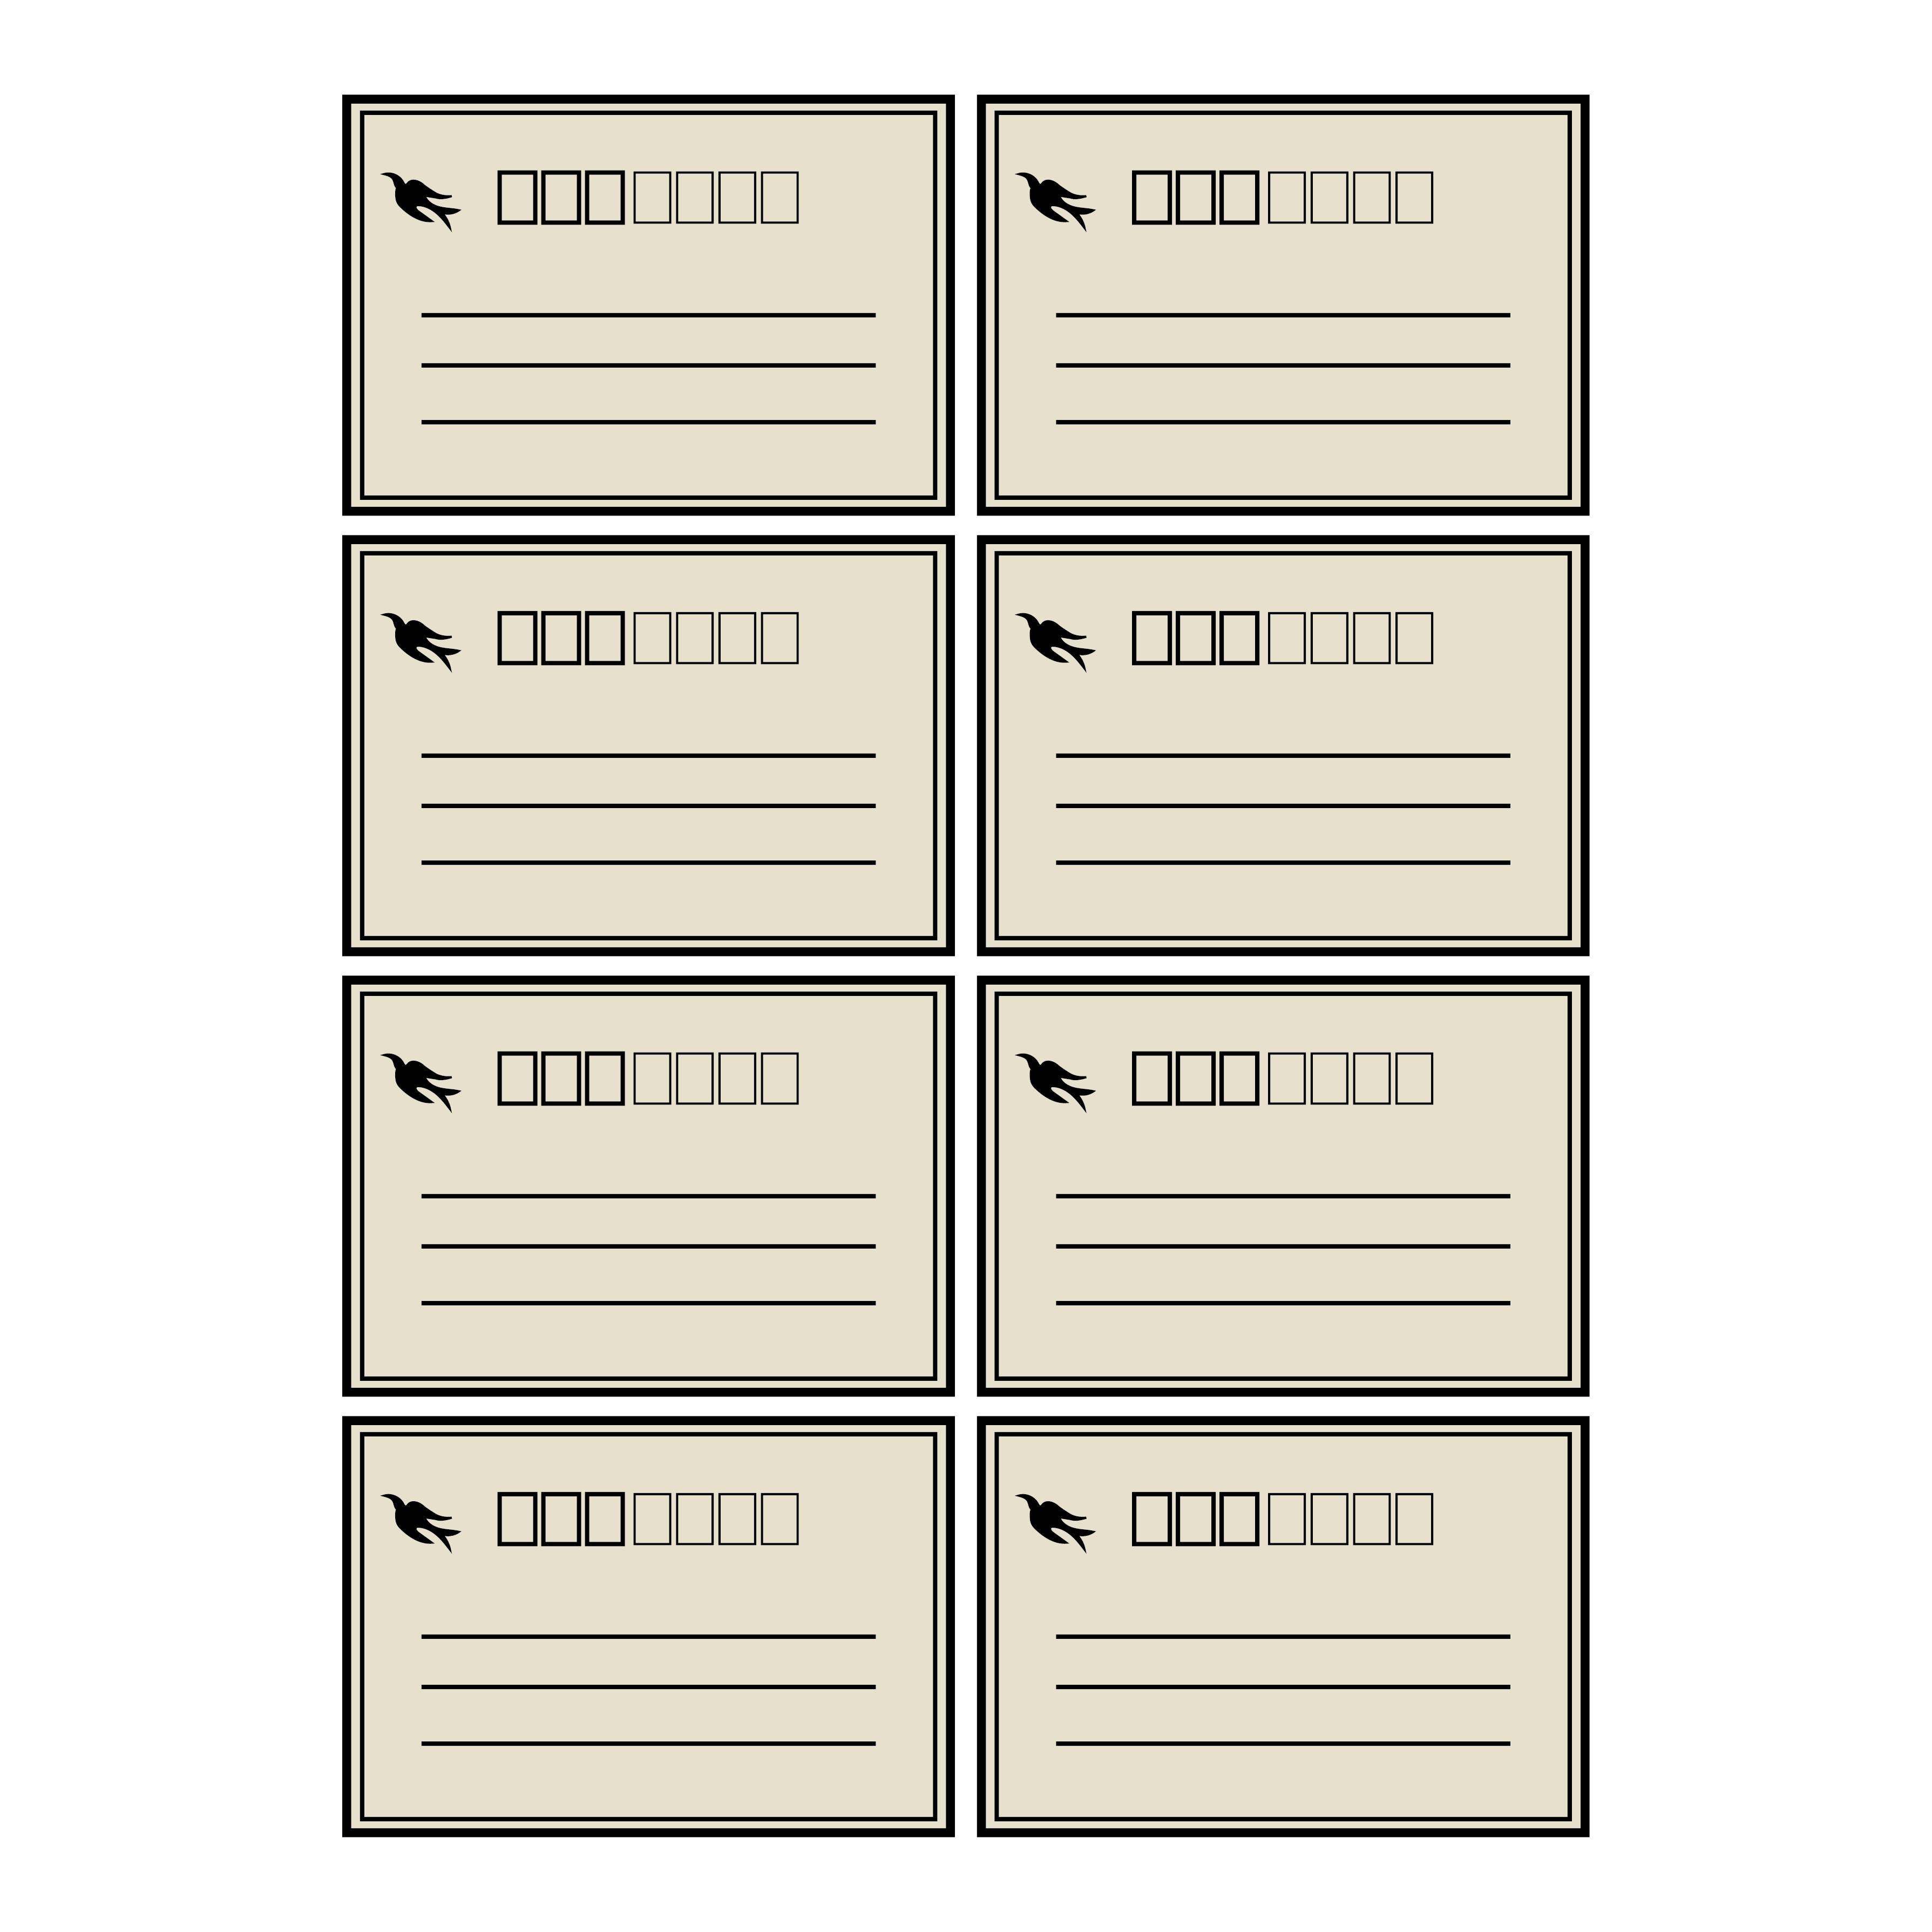 宛名ラベル(郵便番号枠・住所欄付き)シンプルバードのイラスト【ひな形】